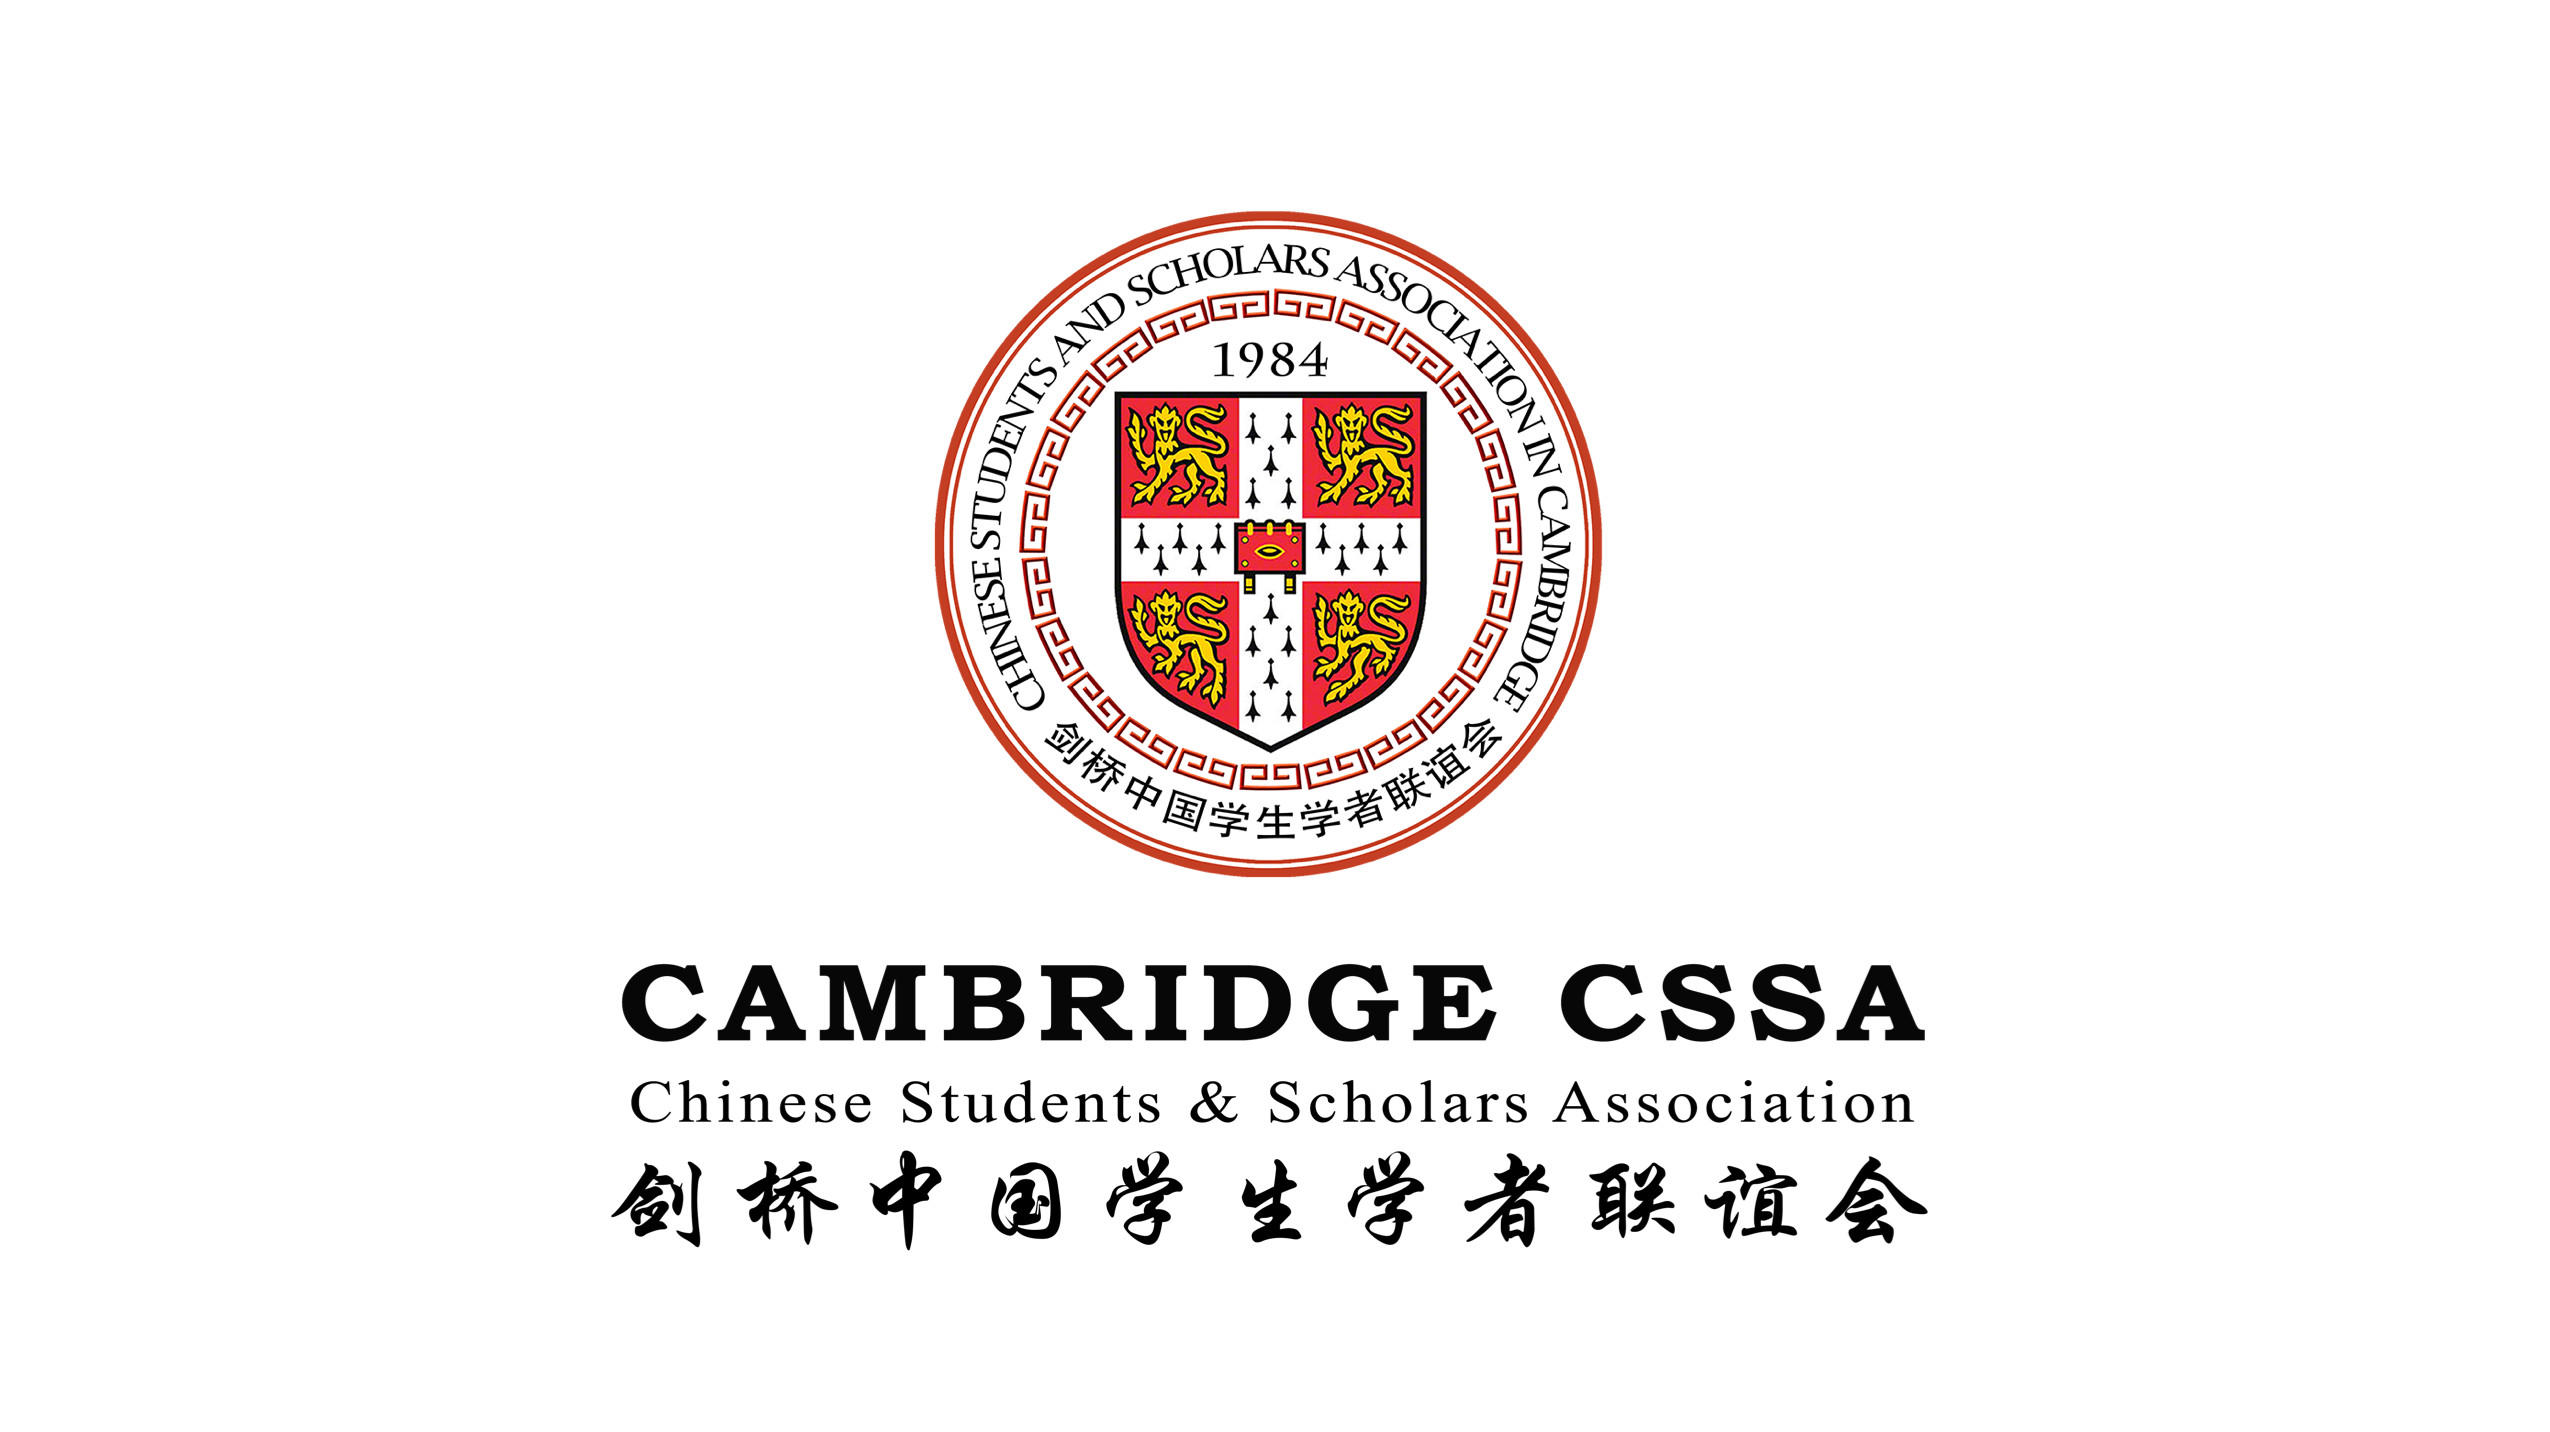 2018-19届剑桥中国学联中期工作总结暨2019-20届候任主席团选举大会通知